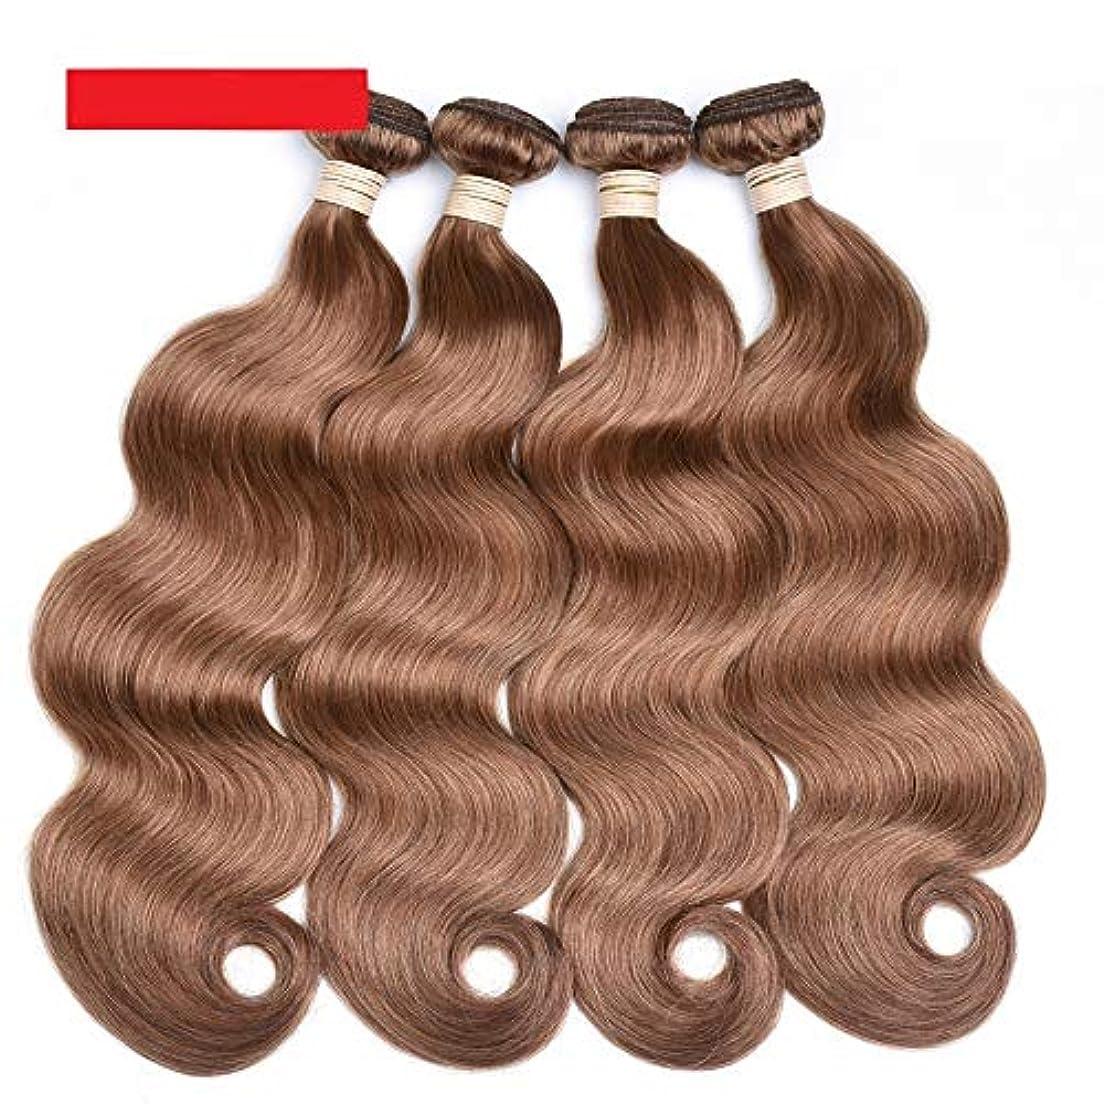 タッチブロックテンポHOHYLLYA ブラジルの髪の実体波100%バージンヒューマンヘアエクステンション1バンドル横糸の織り方#30茶色(8